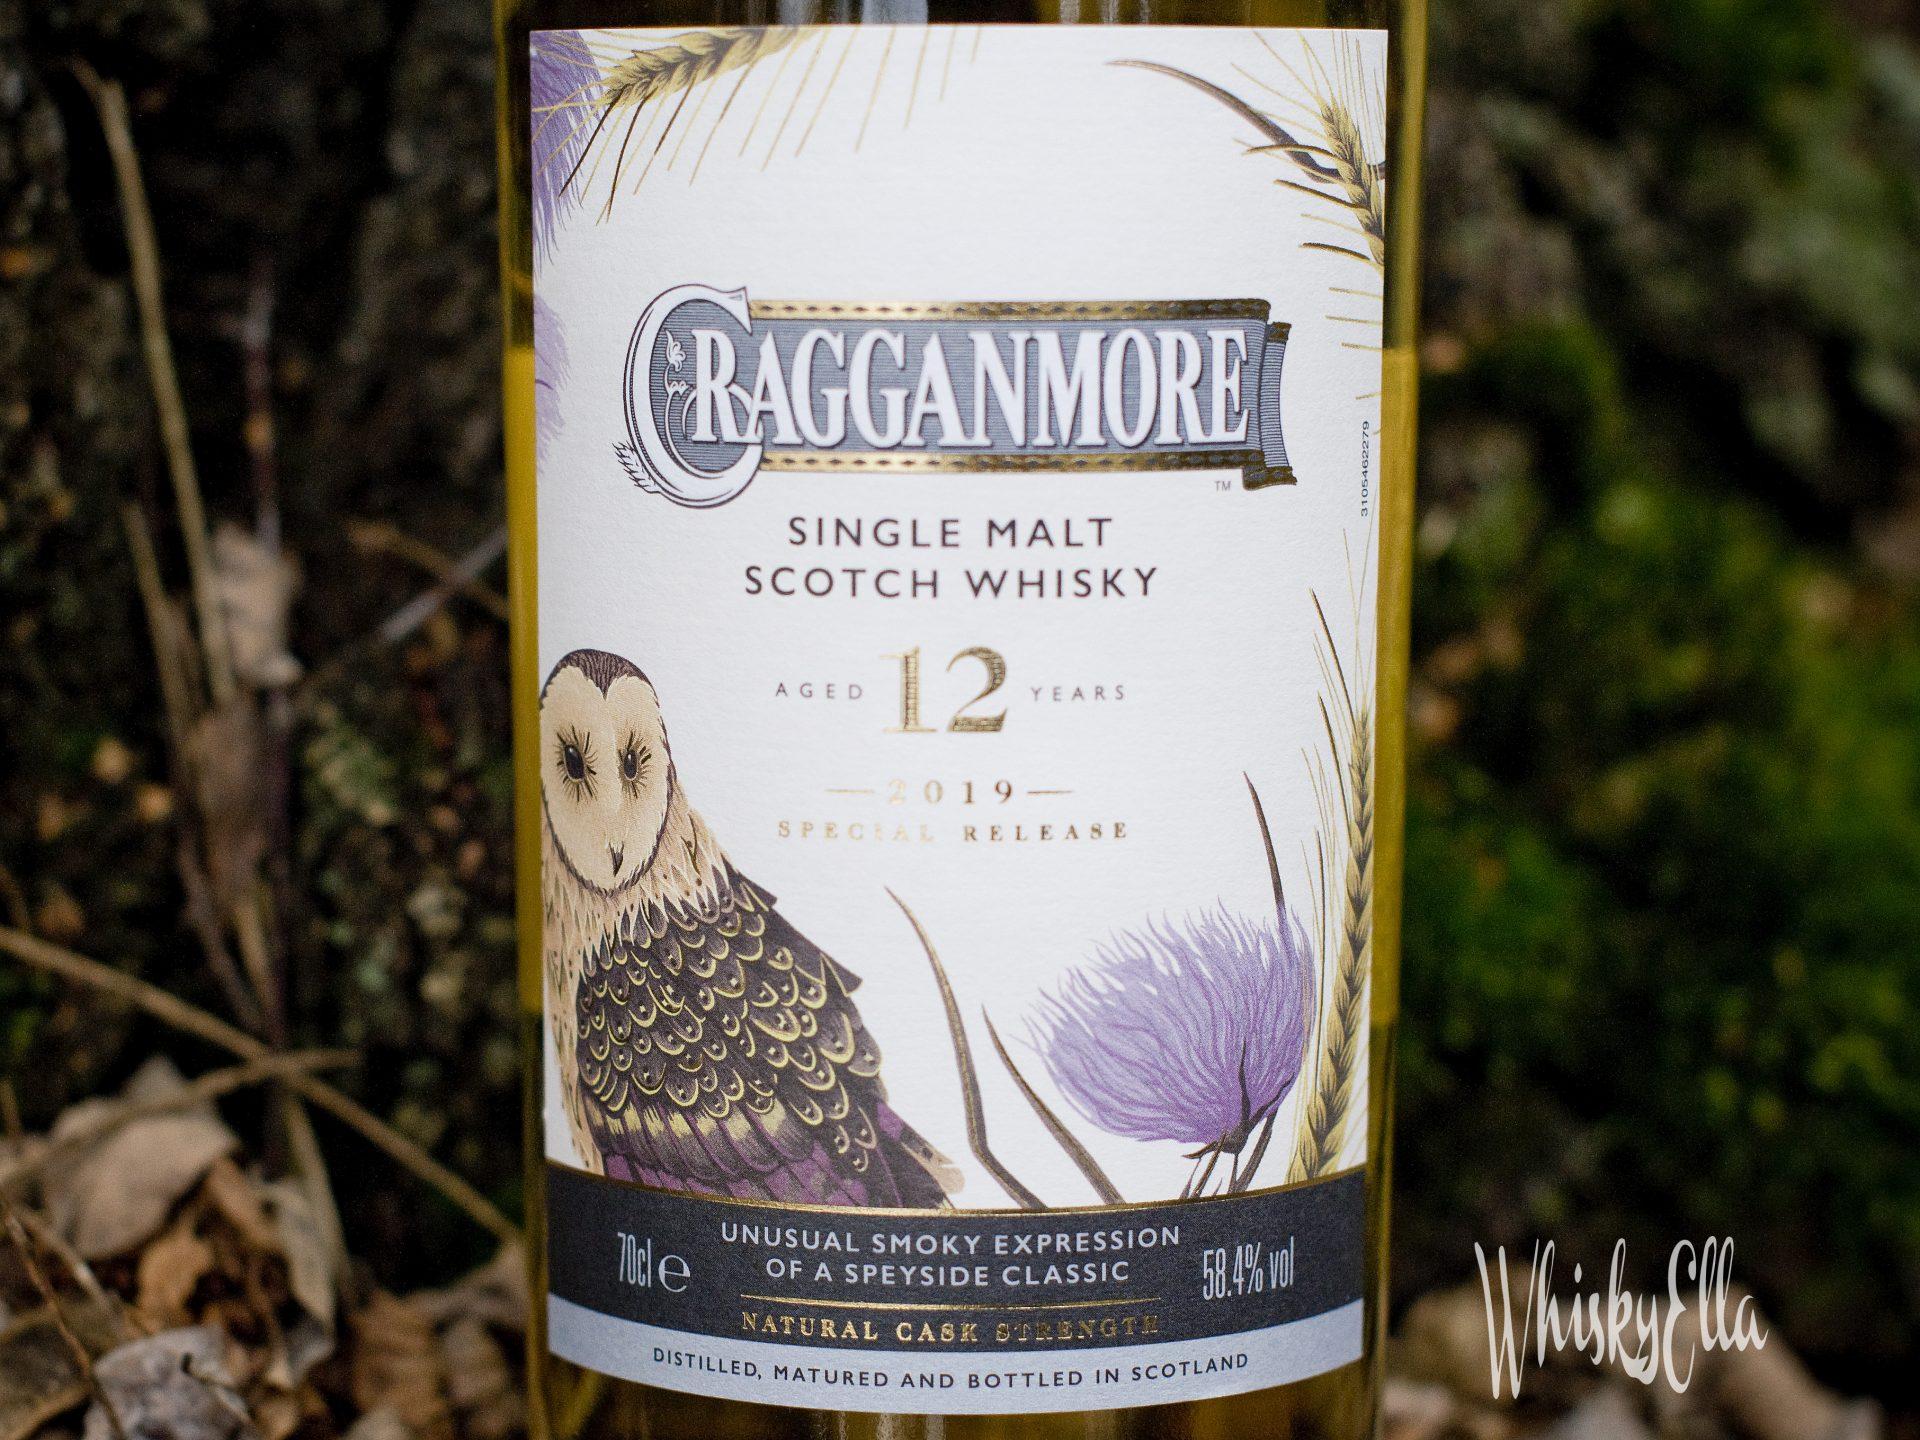 Nasza recenzja Cragganmore 12 yo Diageo Special Releases 2019 #45